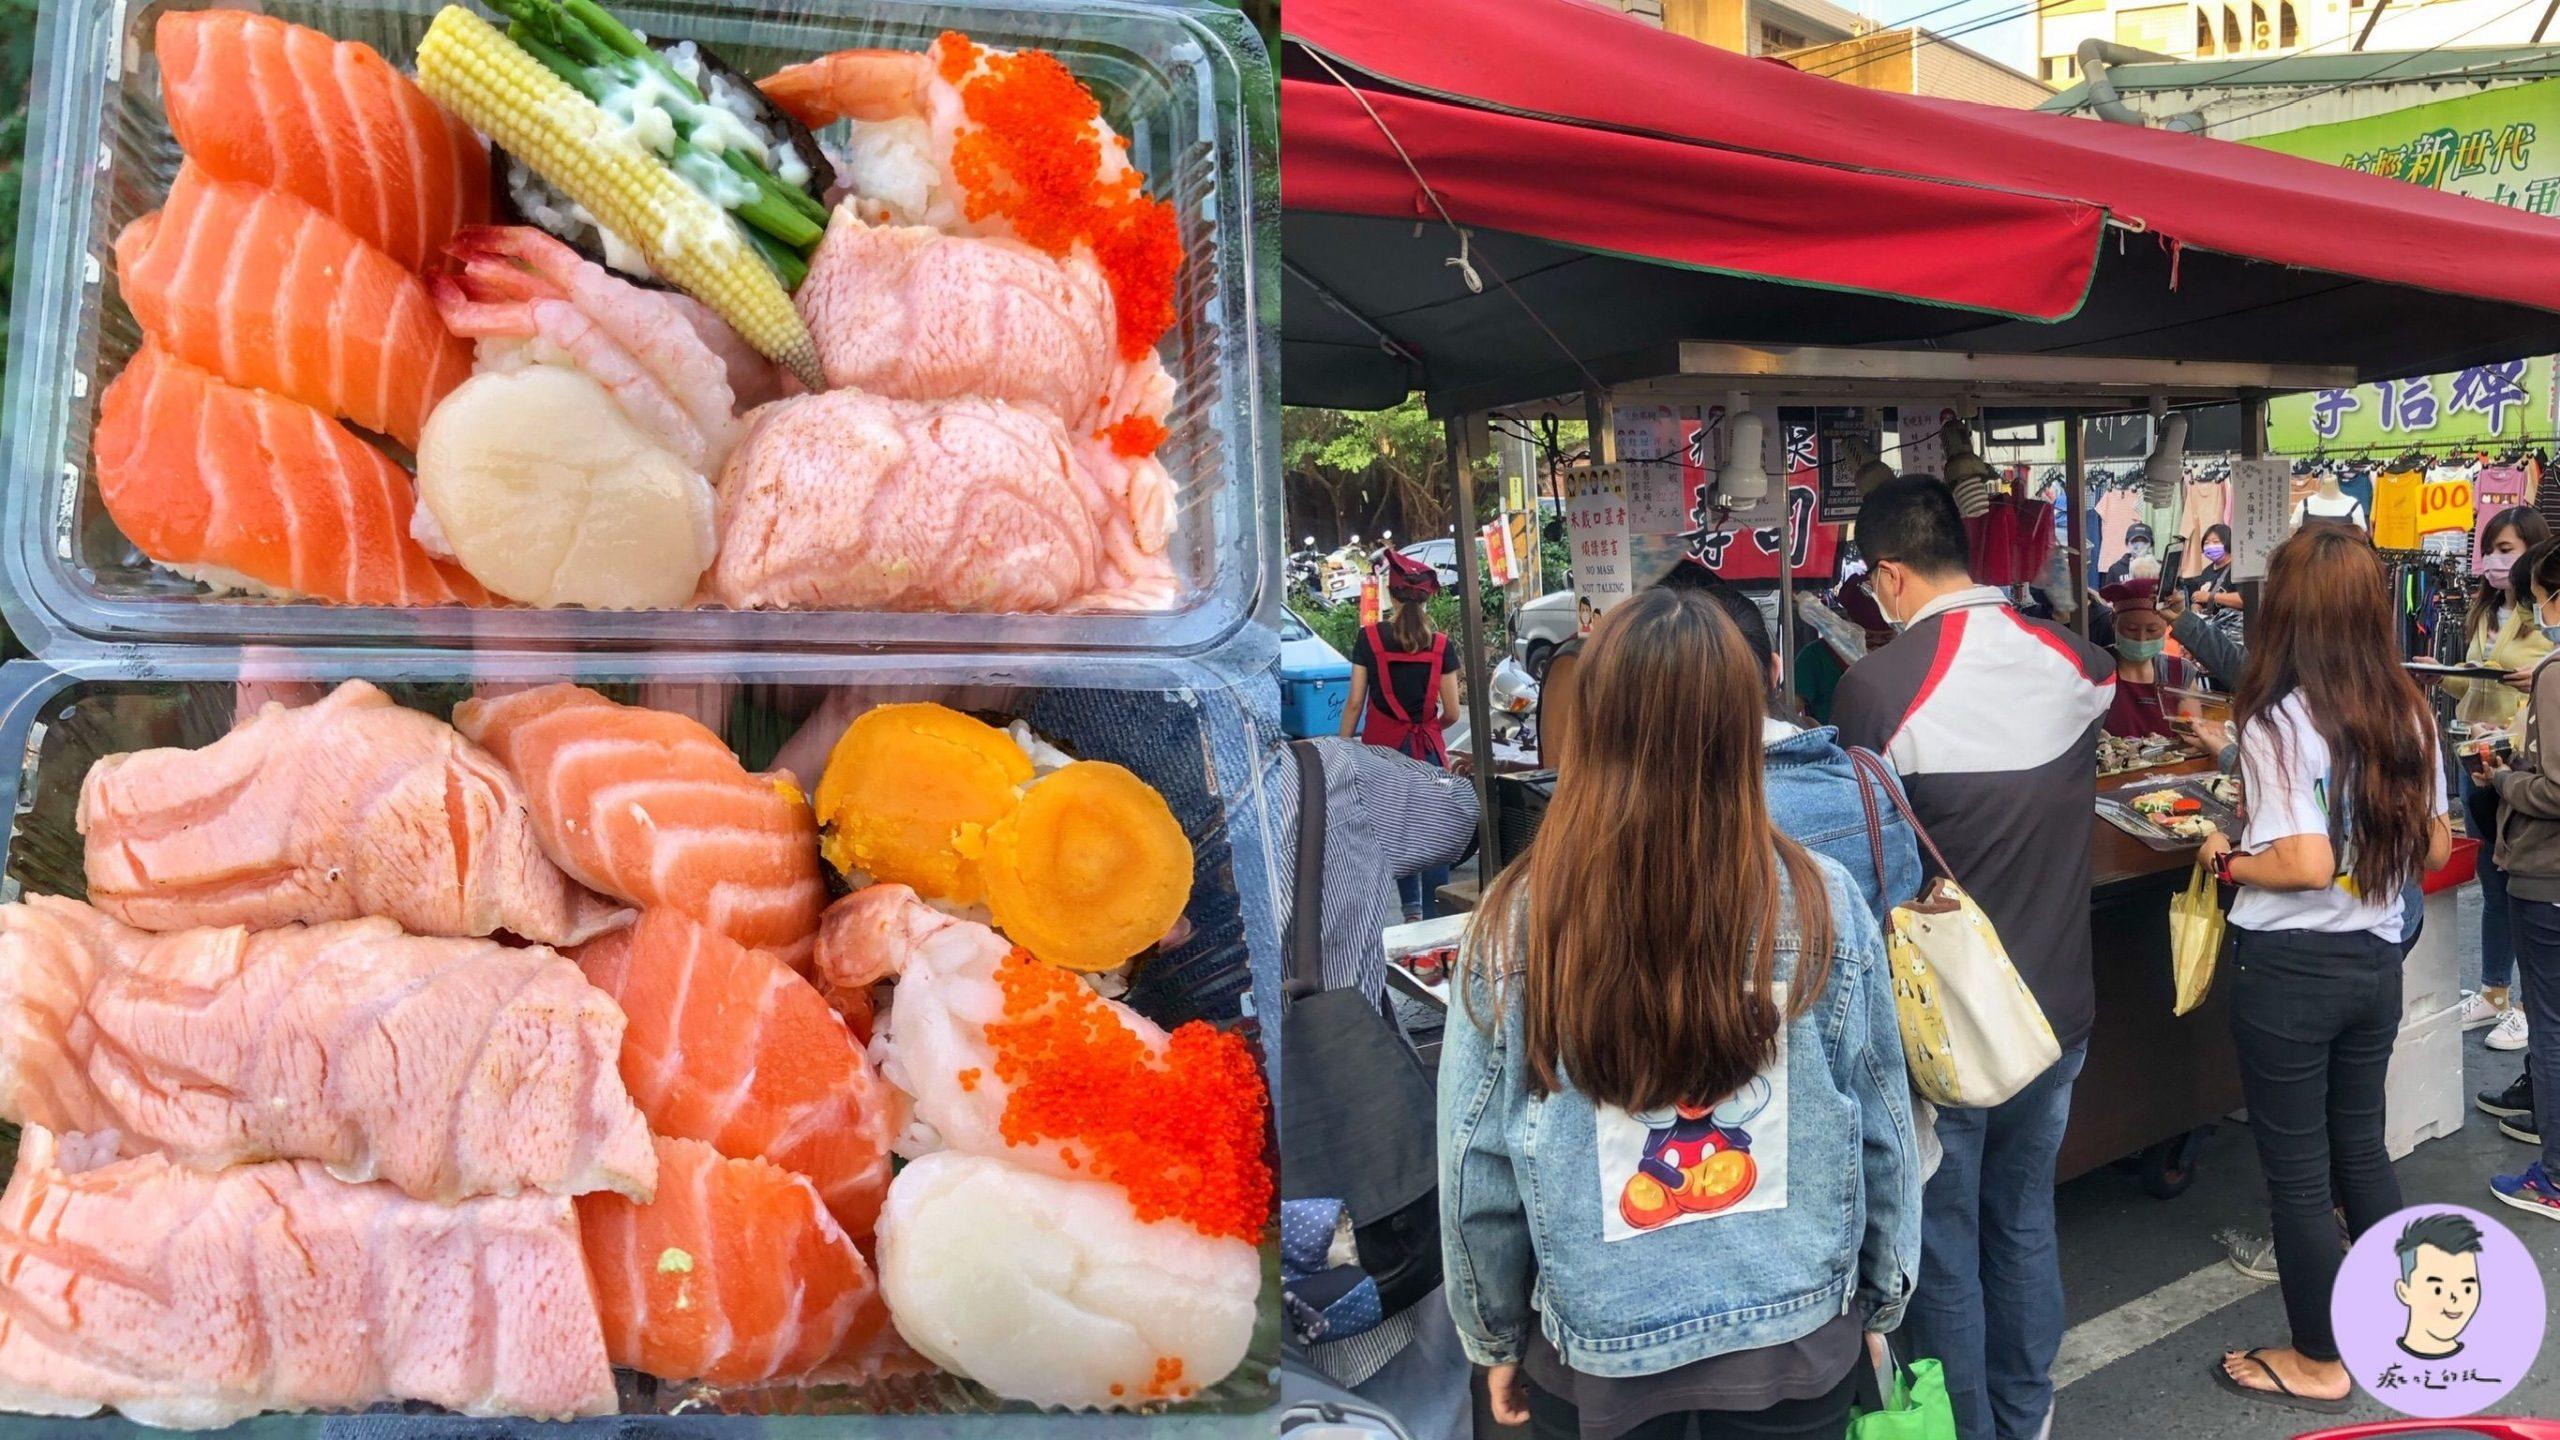 【台南夜市最狂壽司攤】超過50種壽司自助吧自己夾!一週只出沒兩天|楓泉壽司